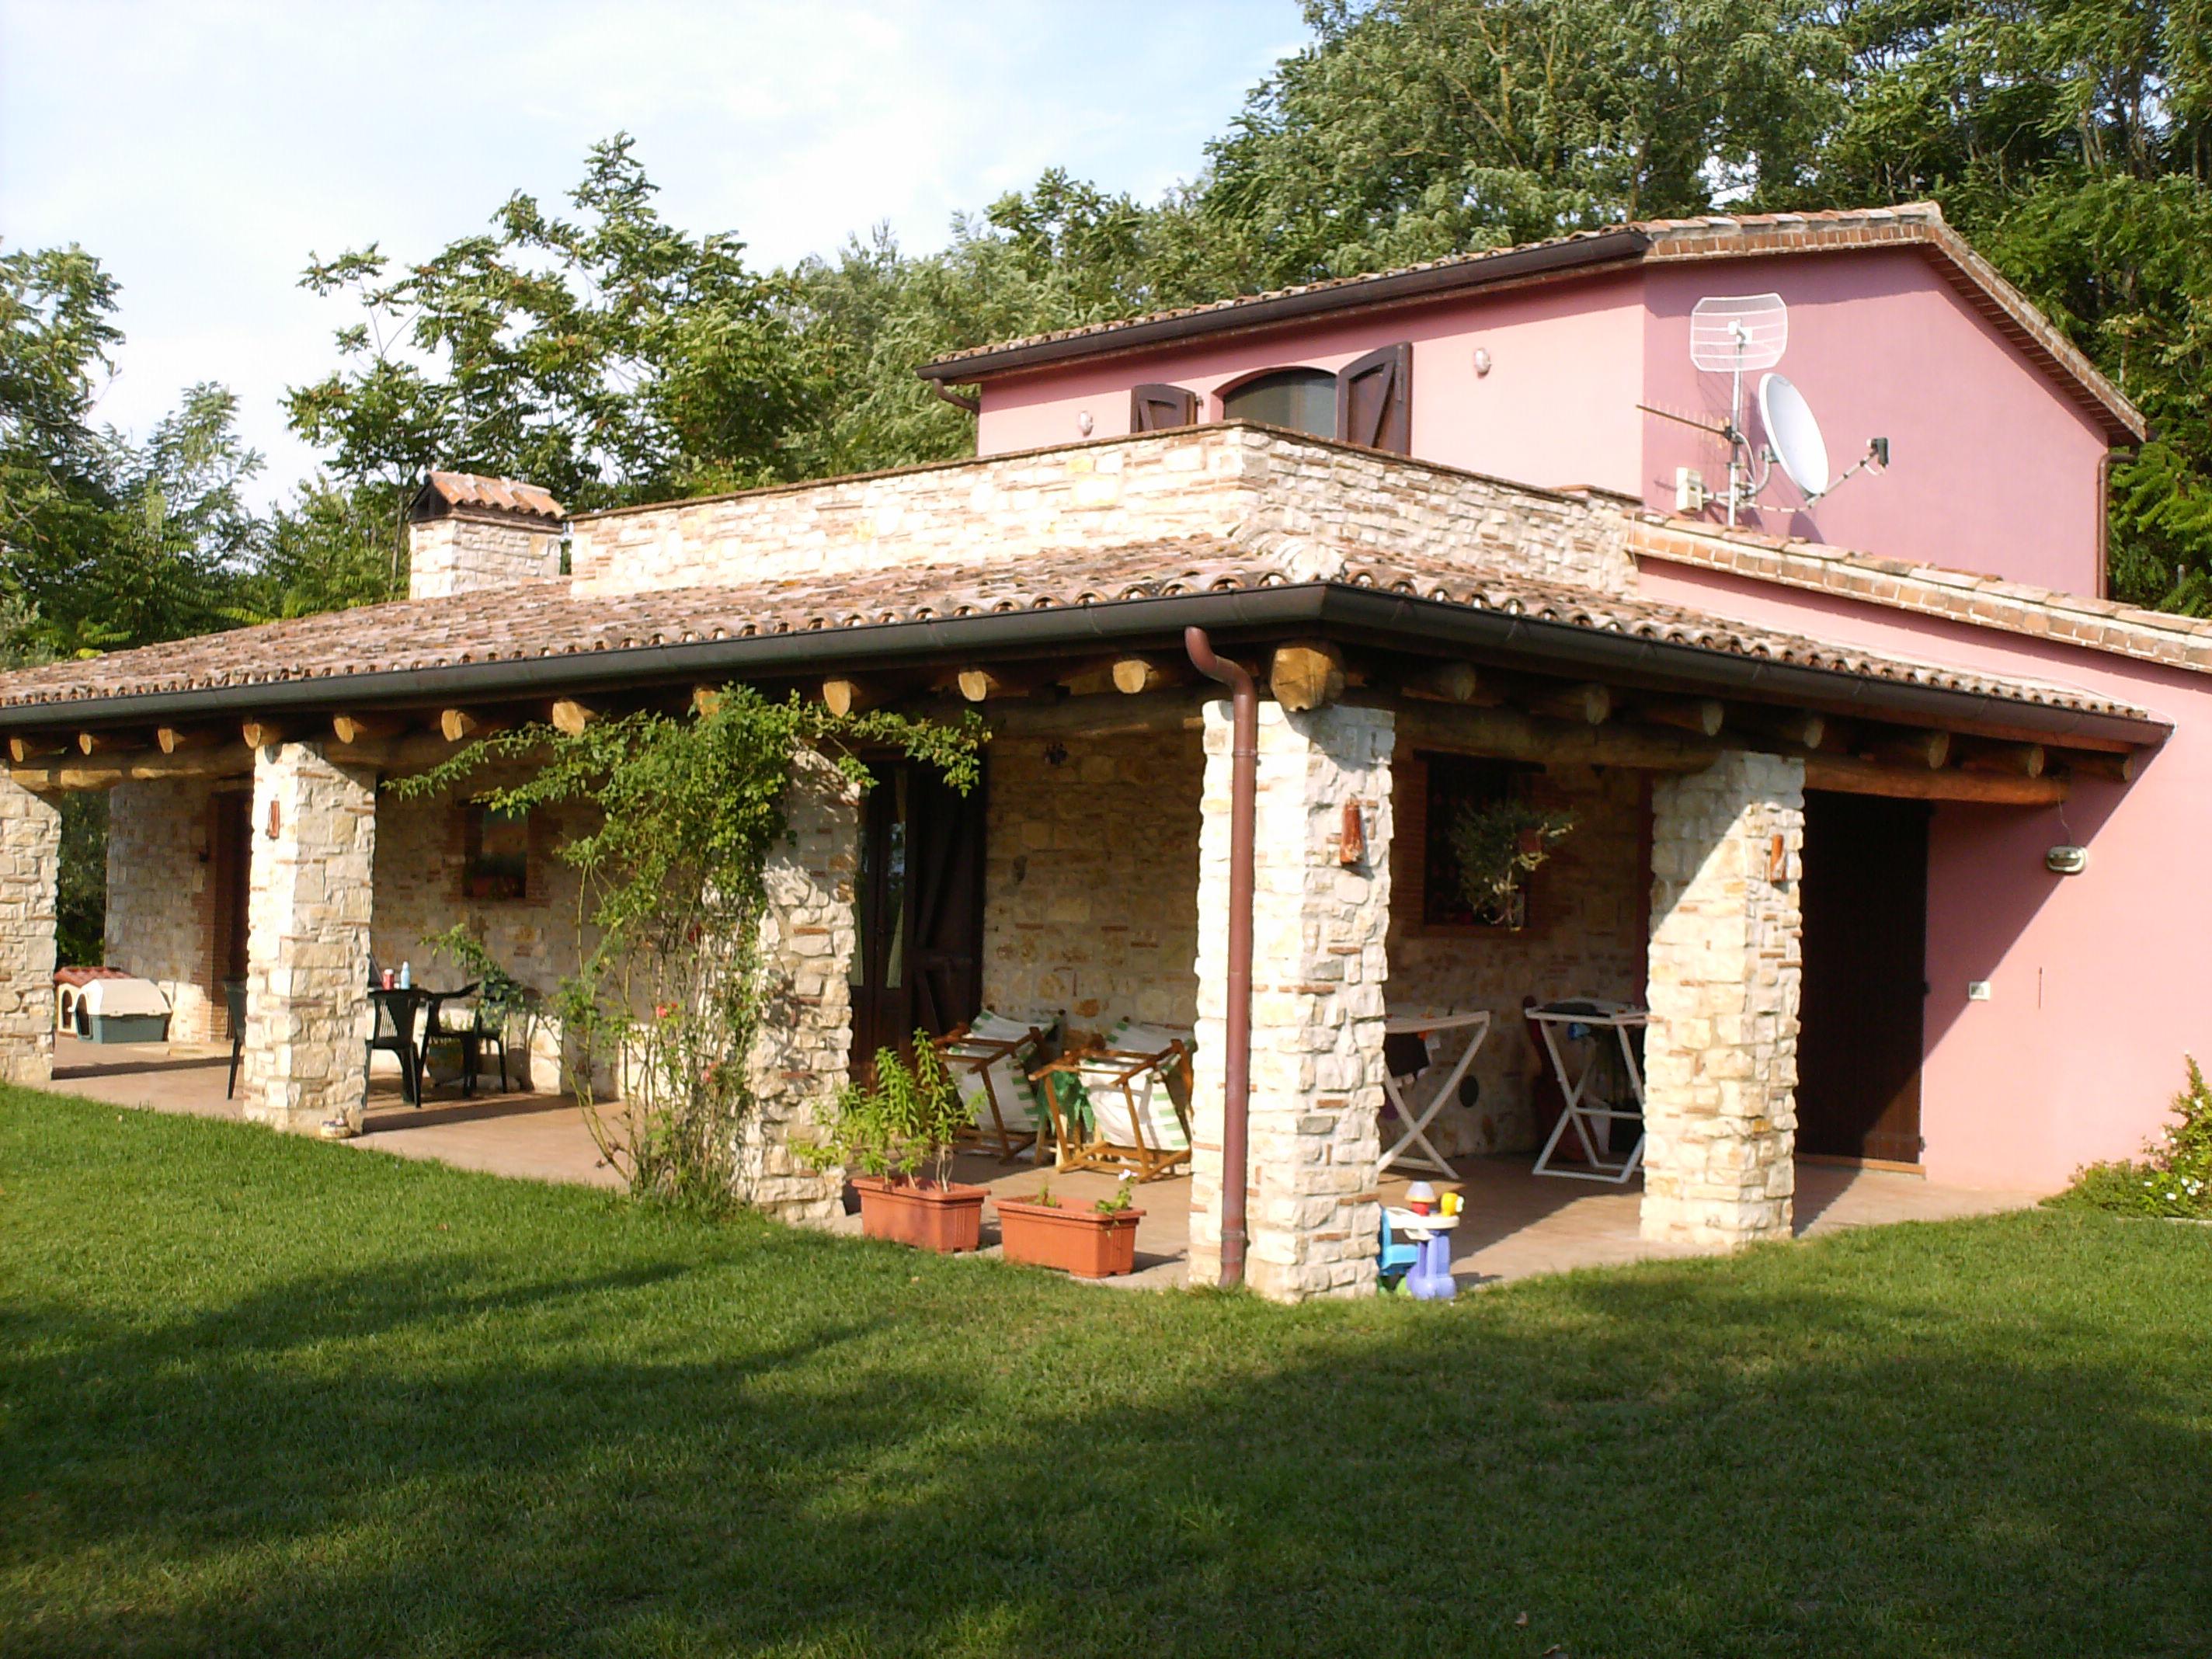 Villa in vendita a melizzano benevento riscaldamento for Progetti di planimetrie di case di campagna